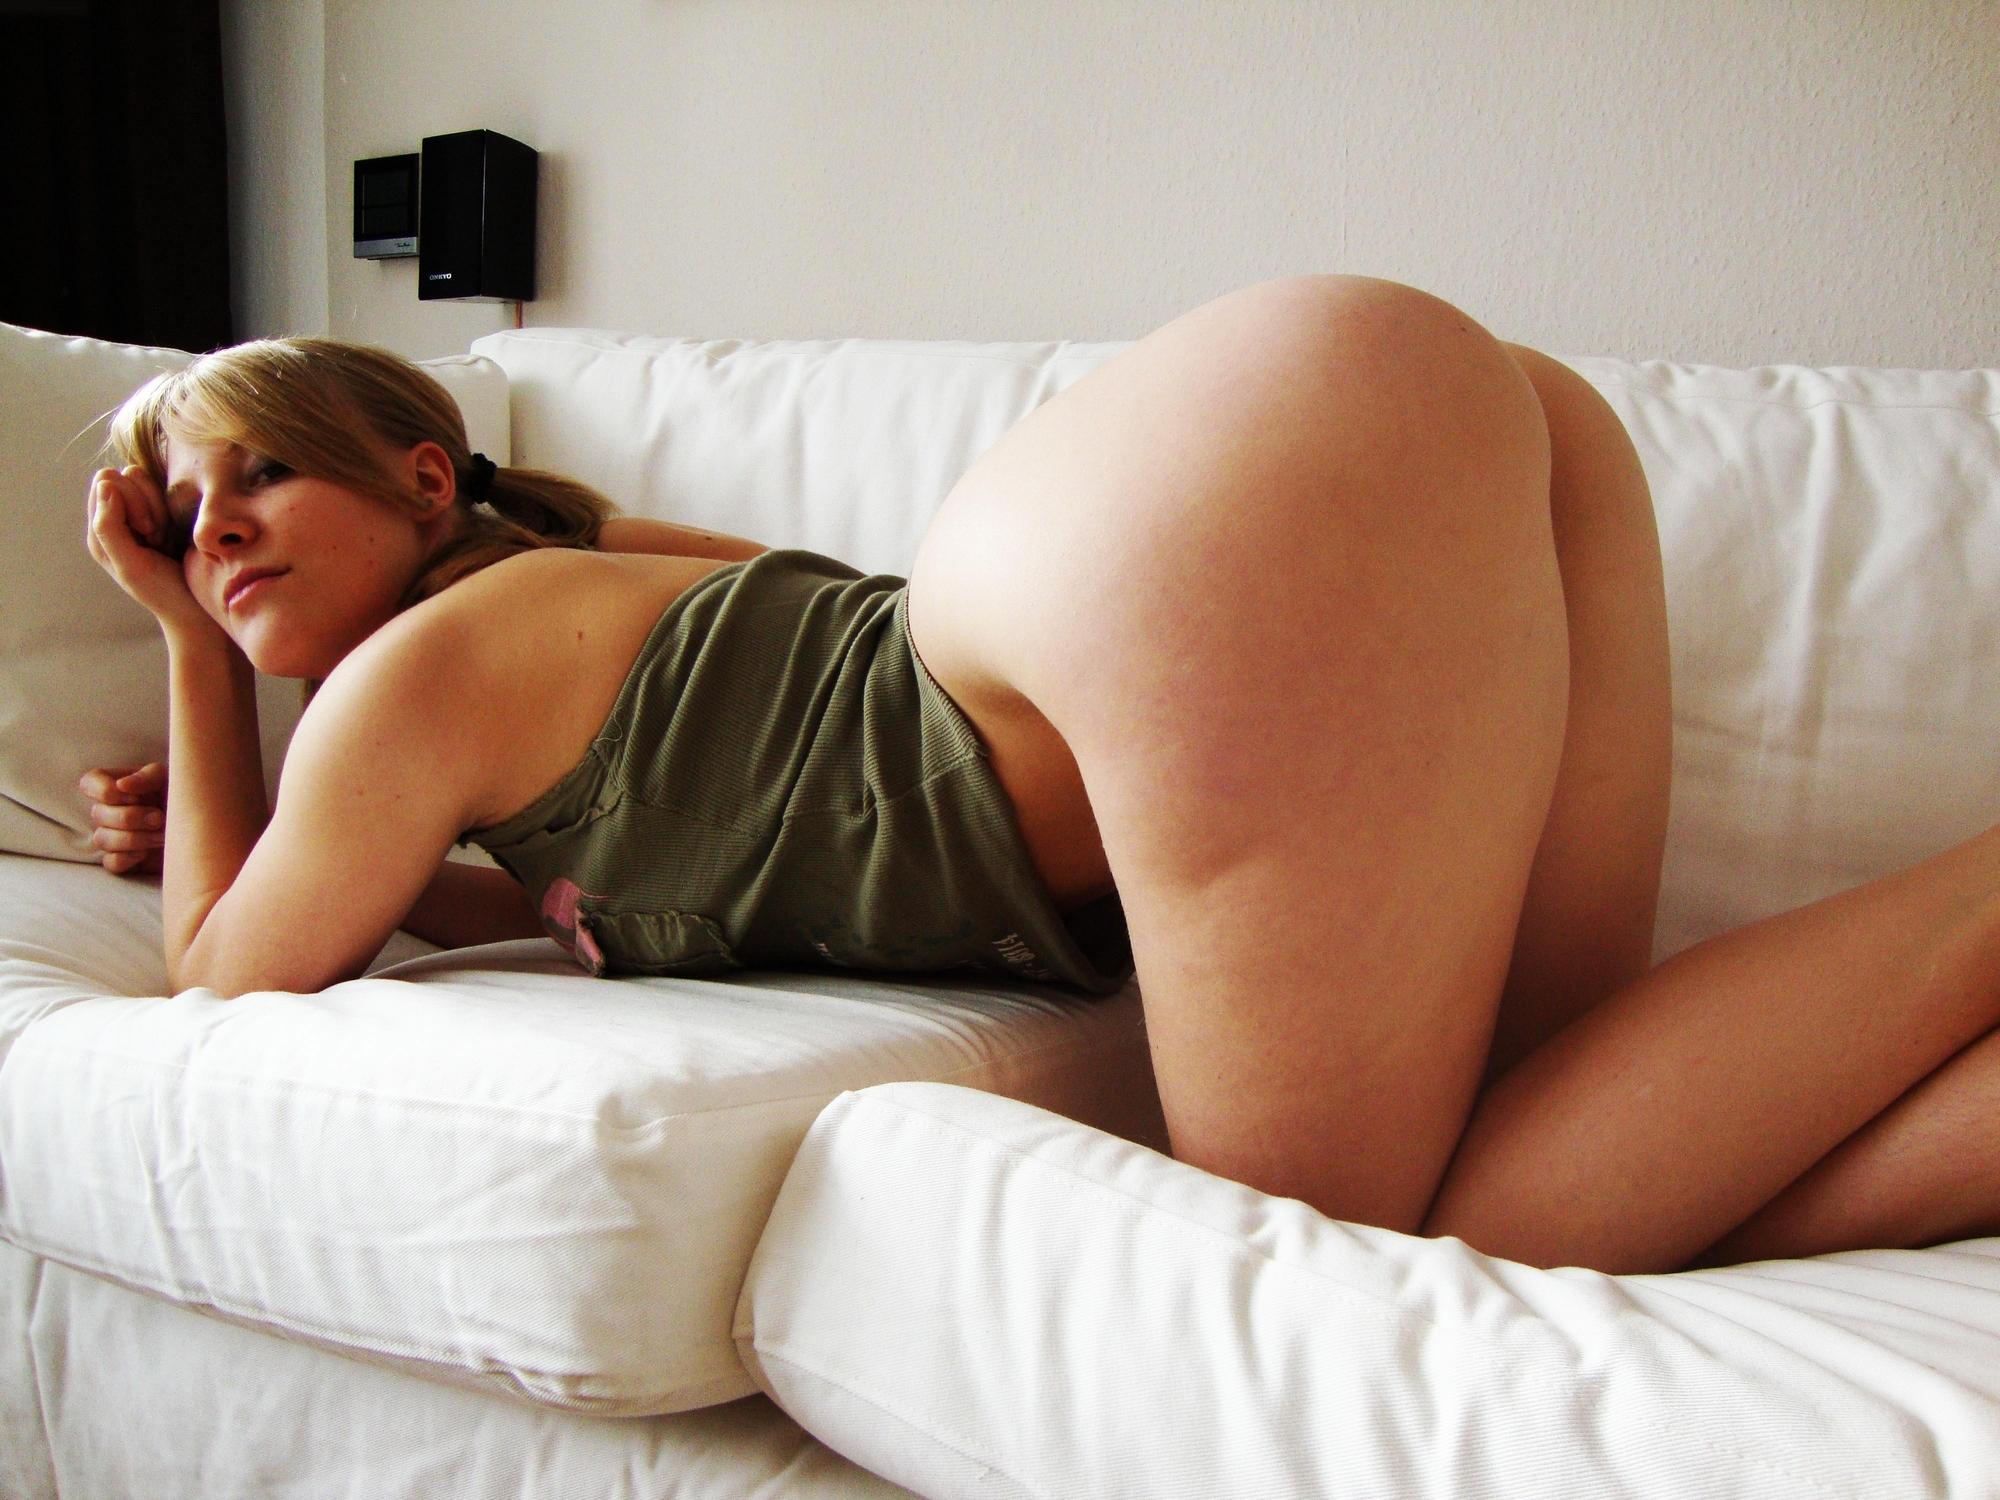 Двадцатилетняя девушка в свободное время позирует крупной задницей и другими дойками